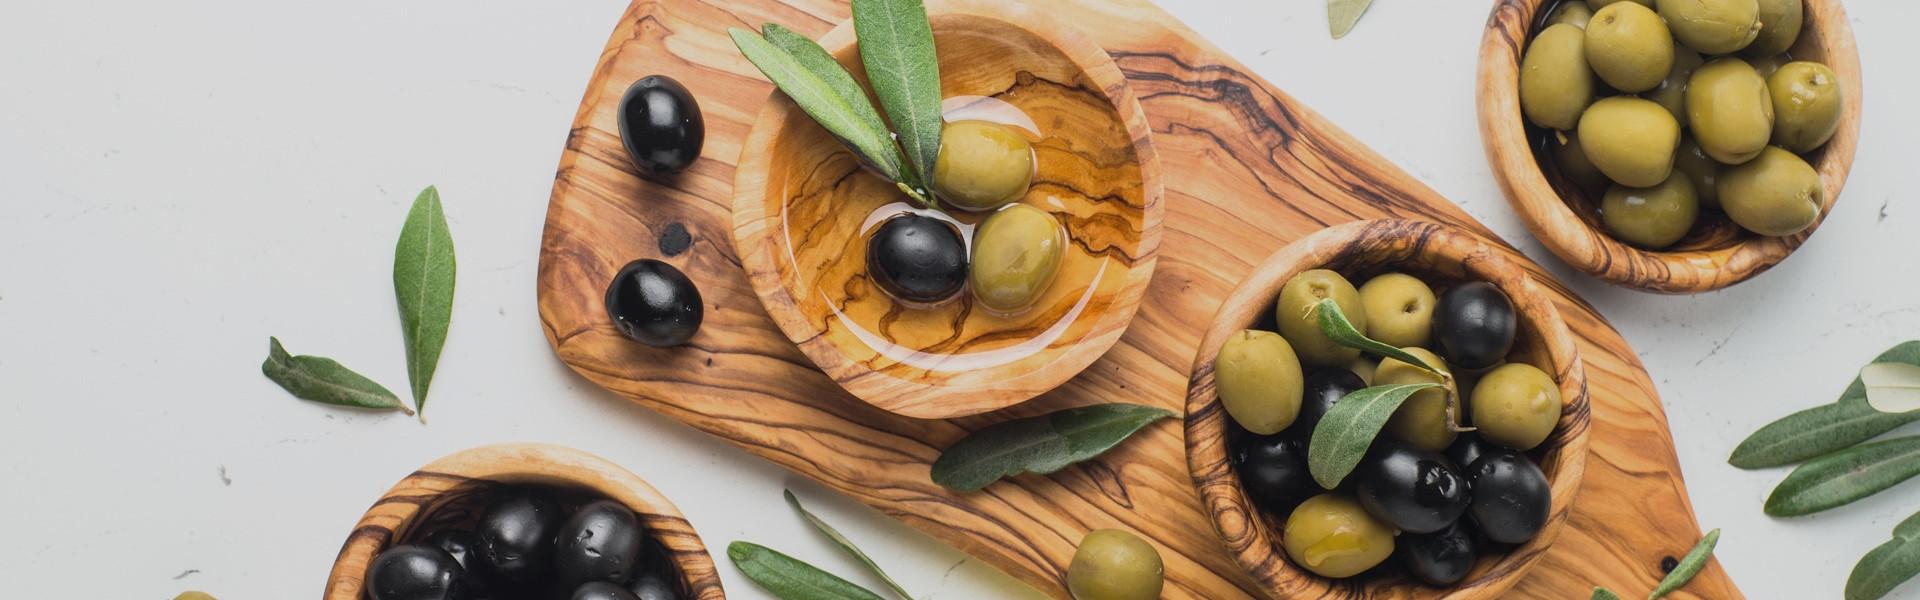 Olive & Olives - Centropolis